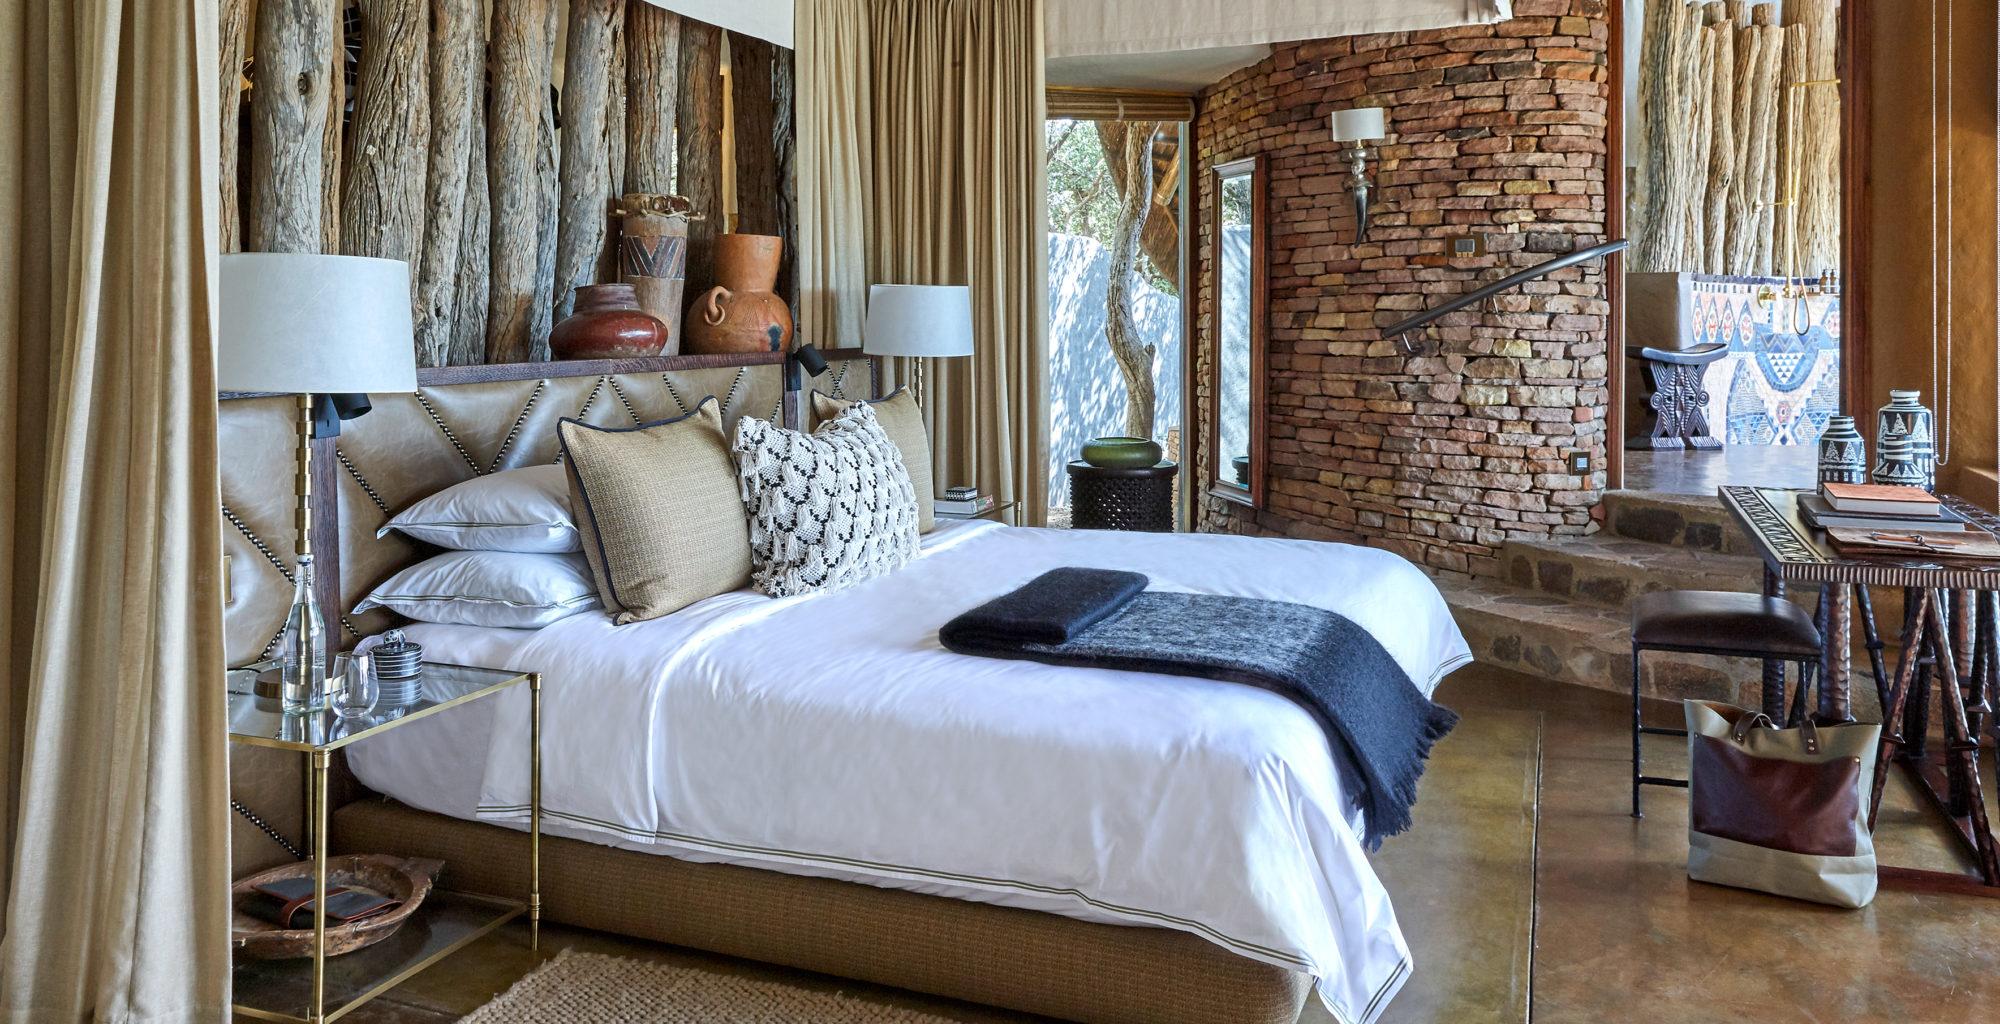 singita_pamushana_lodge_-_bedroom_1